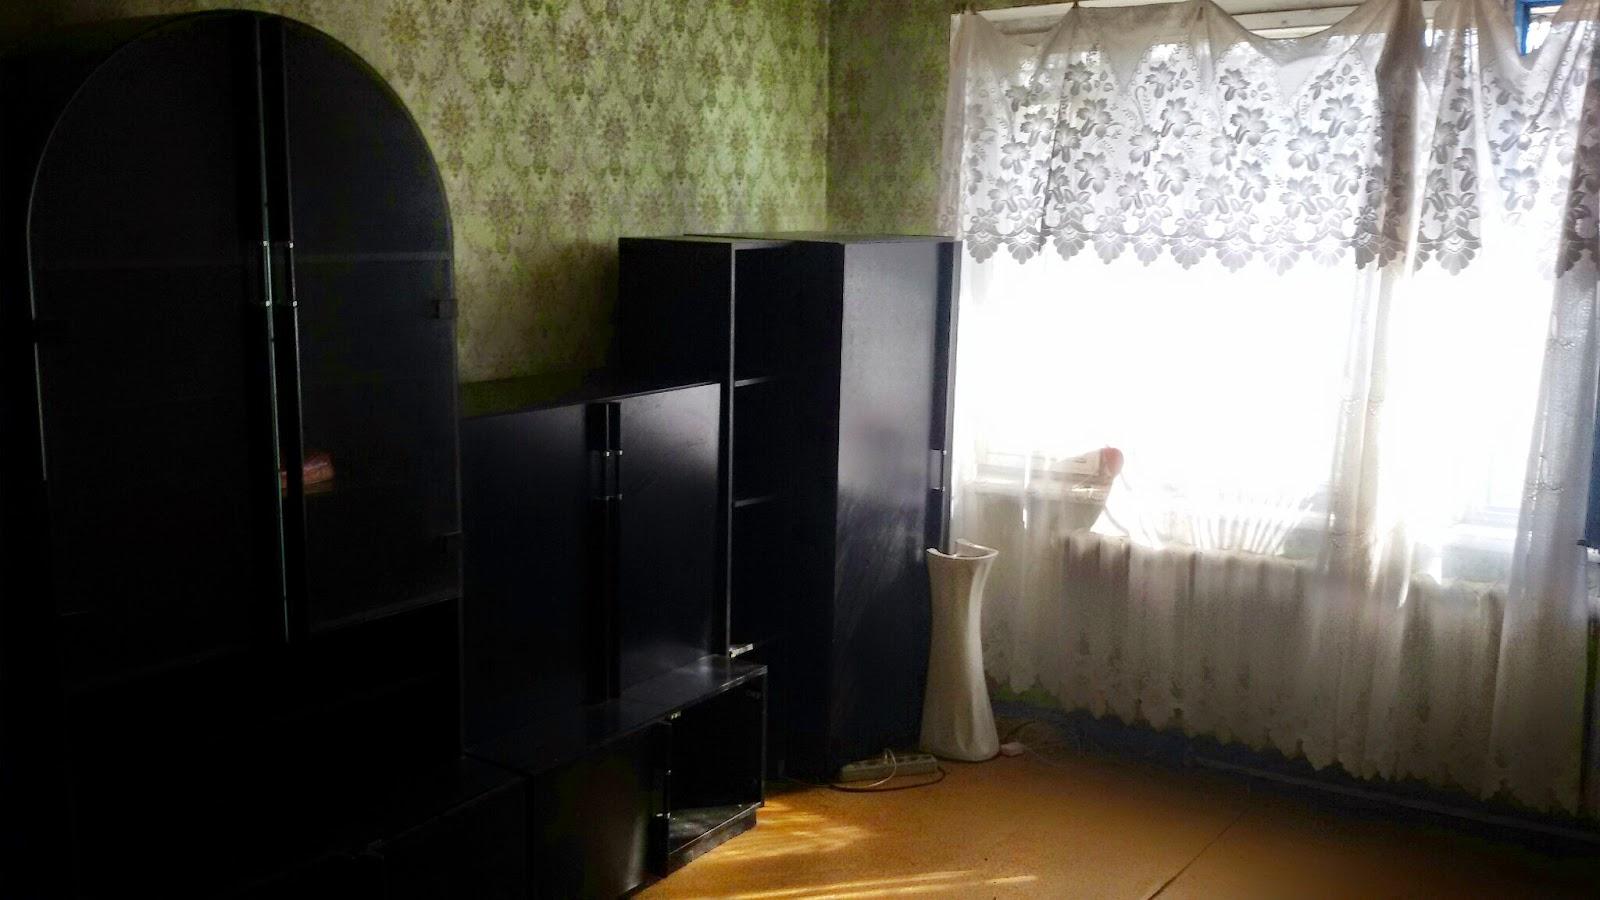 Продается 1 комнатная квартира мкрн. Солнечный,7 на 1/9 эт. дома